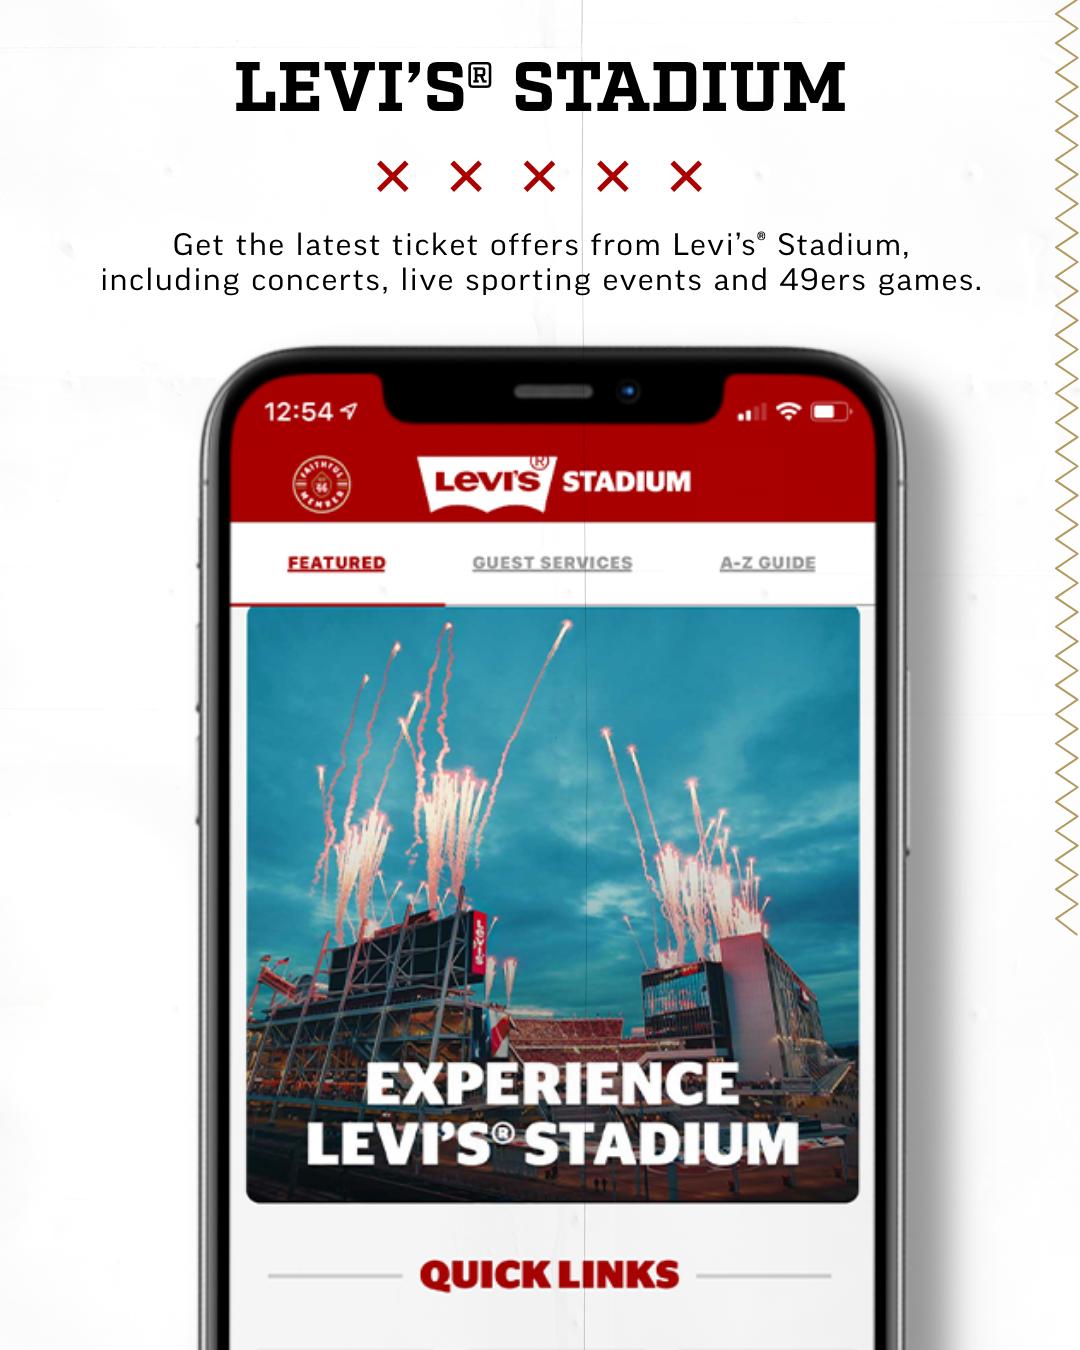 1080x1350_Levis Stadium – 1